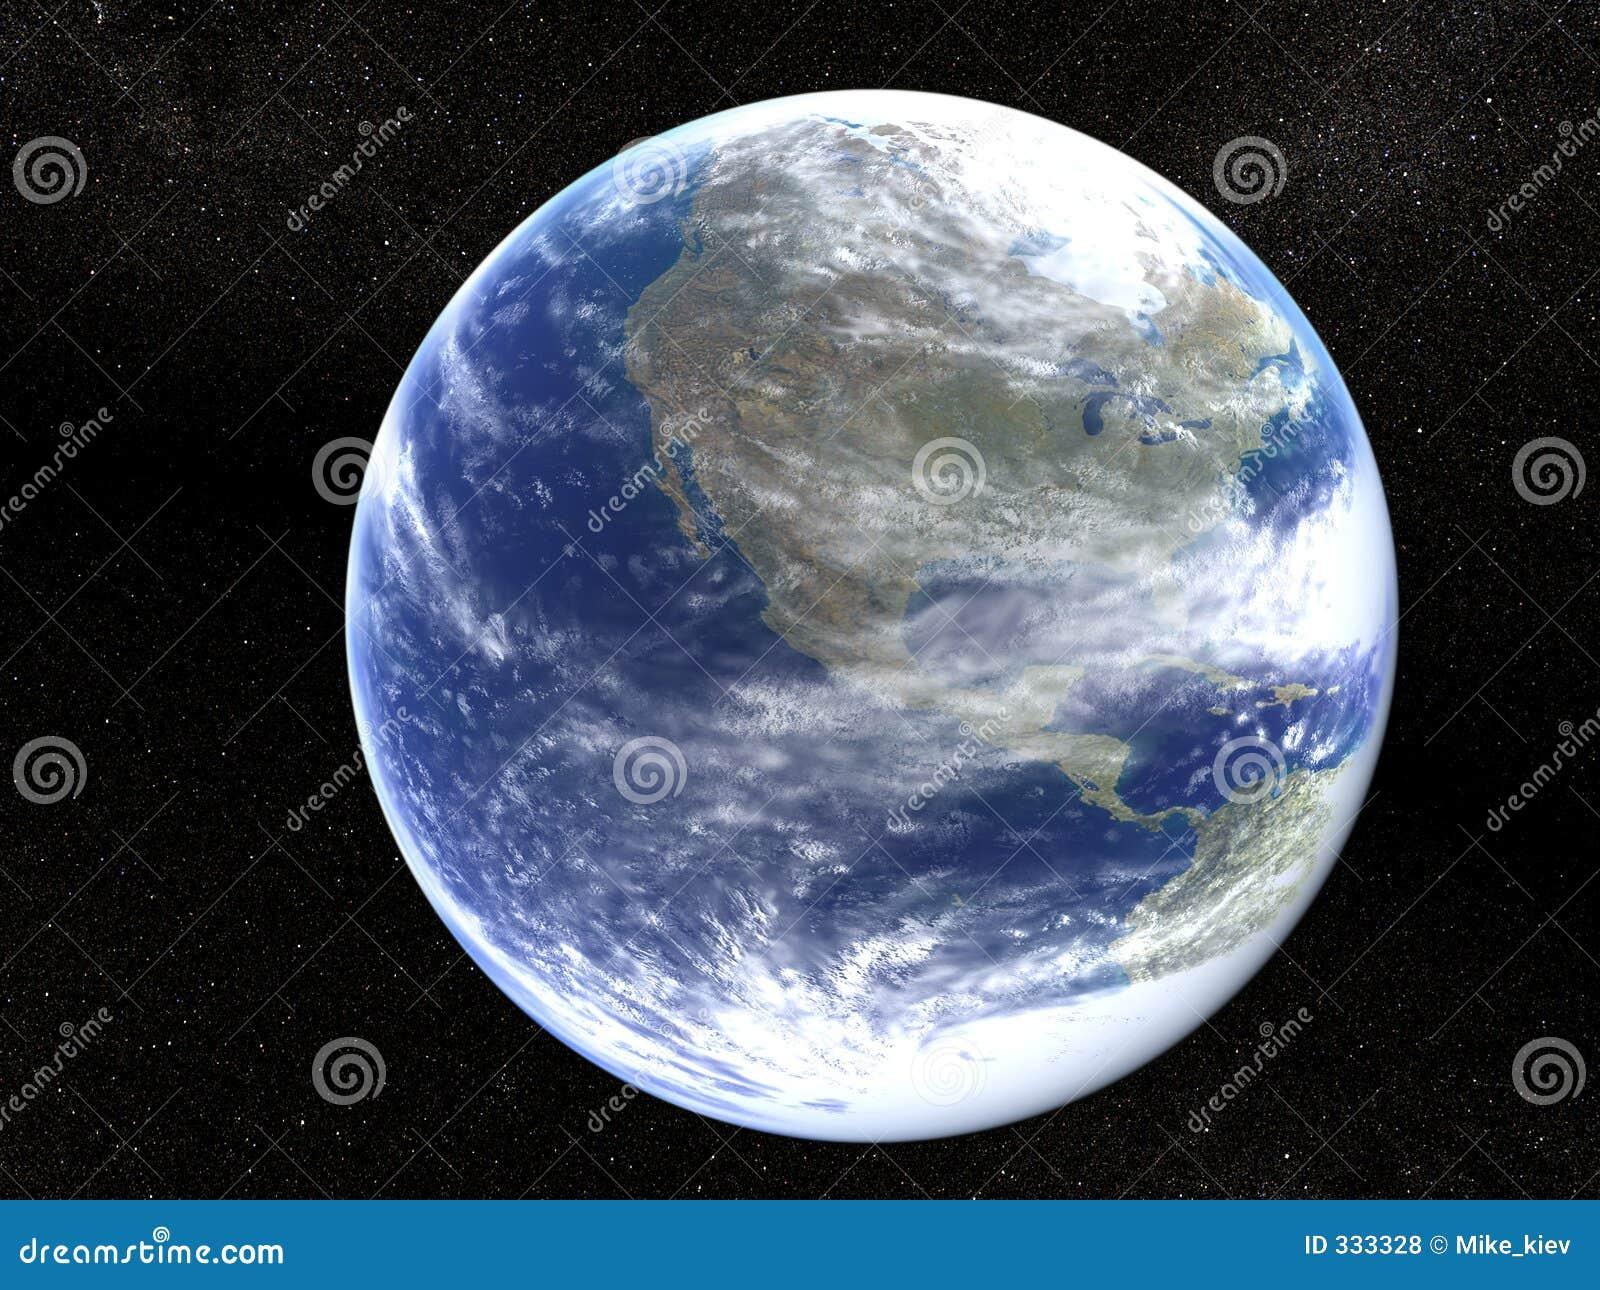 Ilustração Gratis Espaço Todos Os Universo Cosmos: Terra No Universo Ilustração Stock. Ilustração De Galáxia